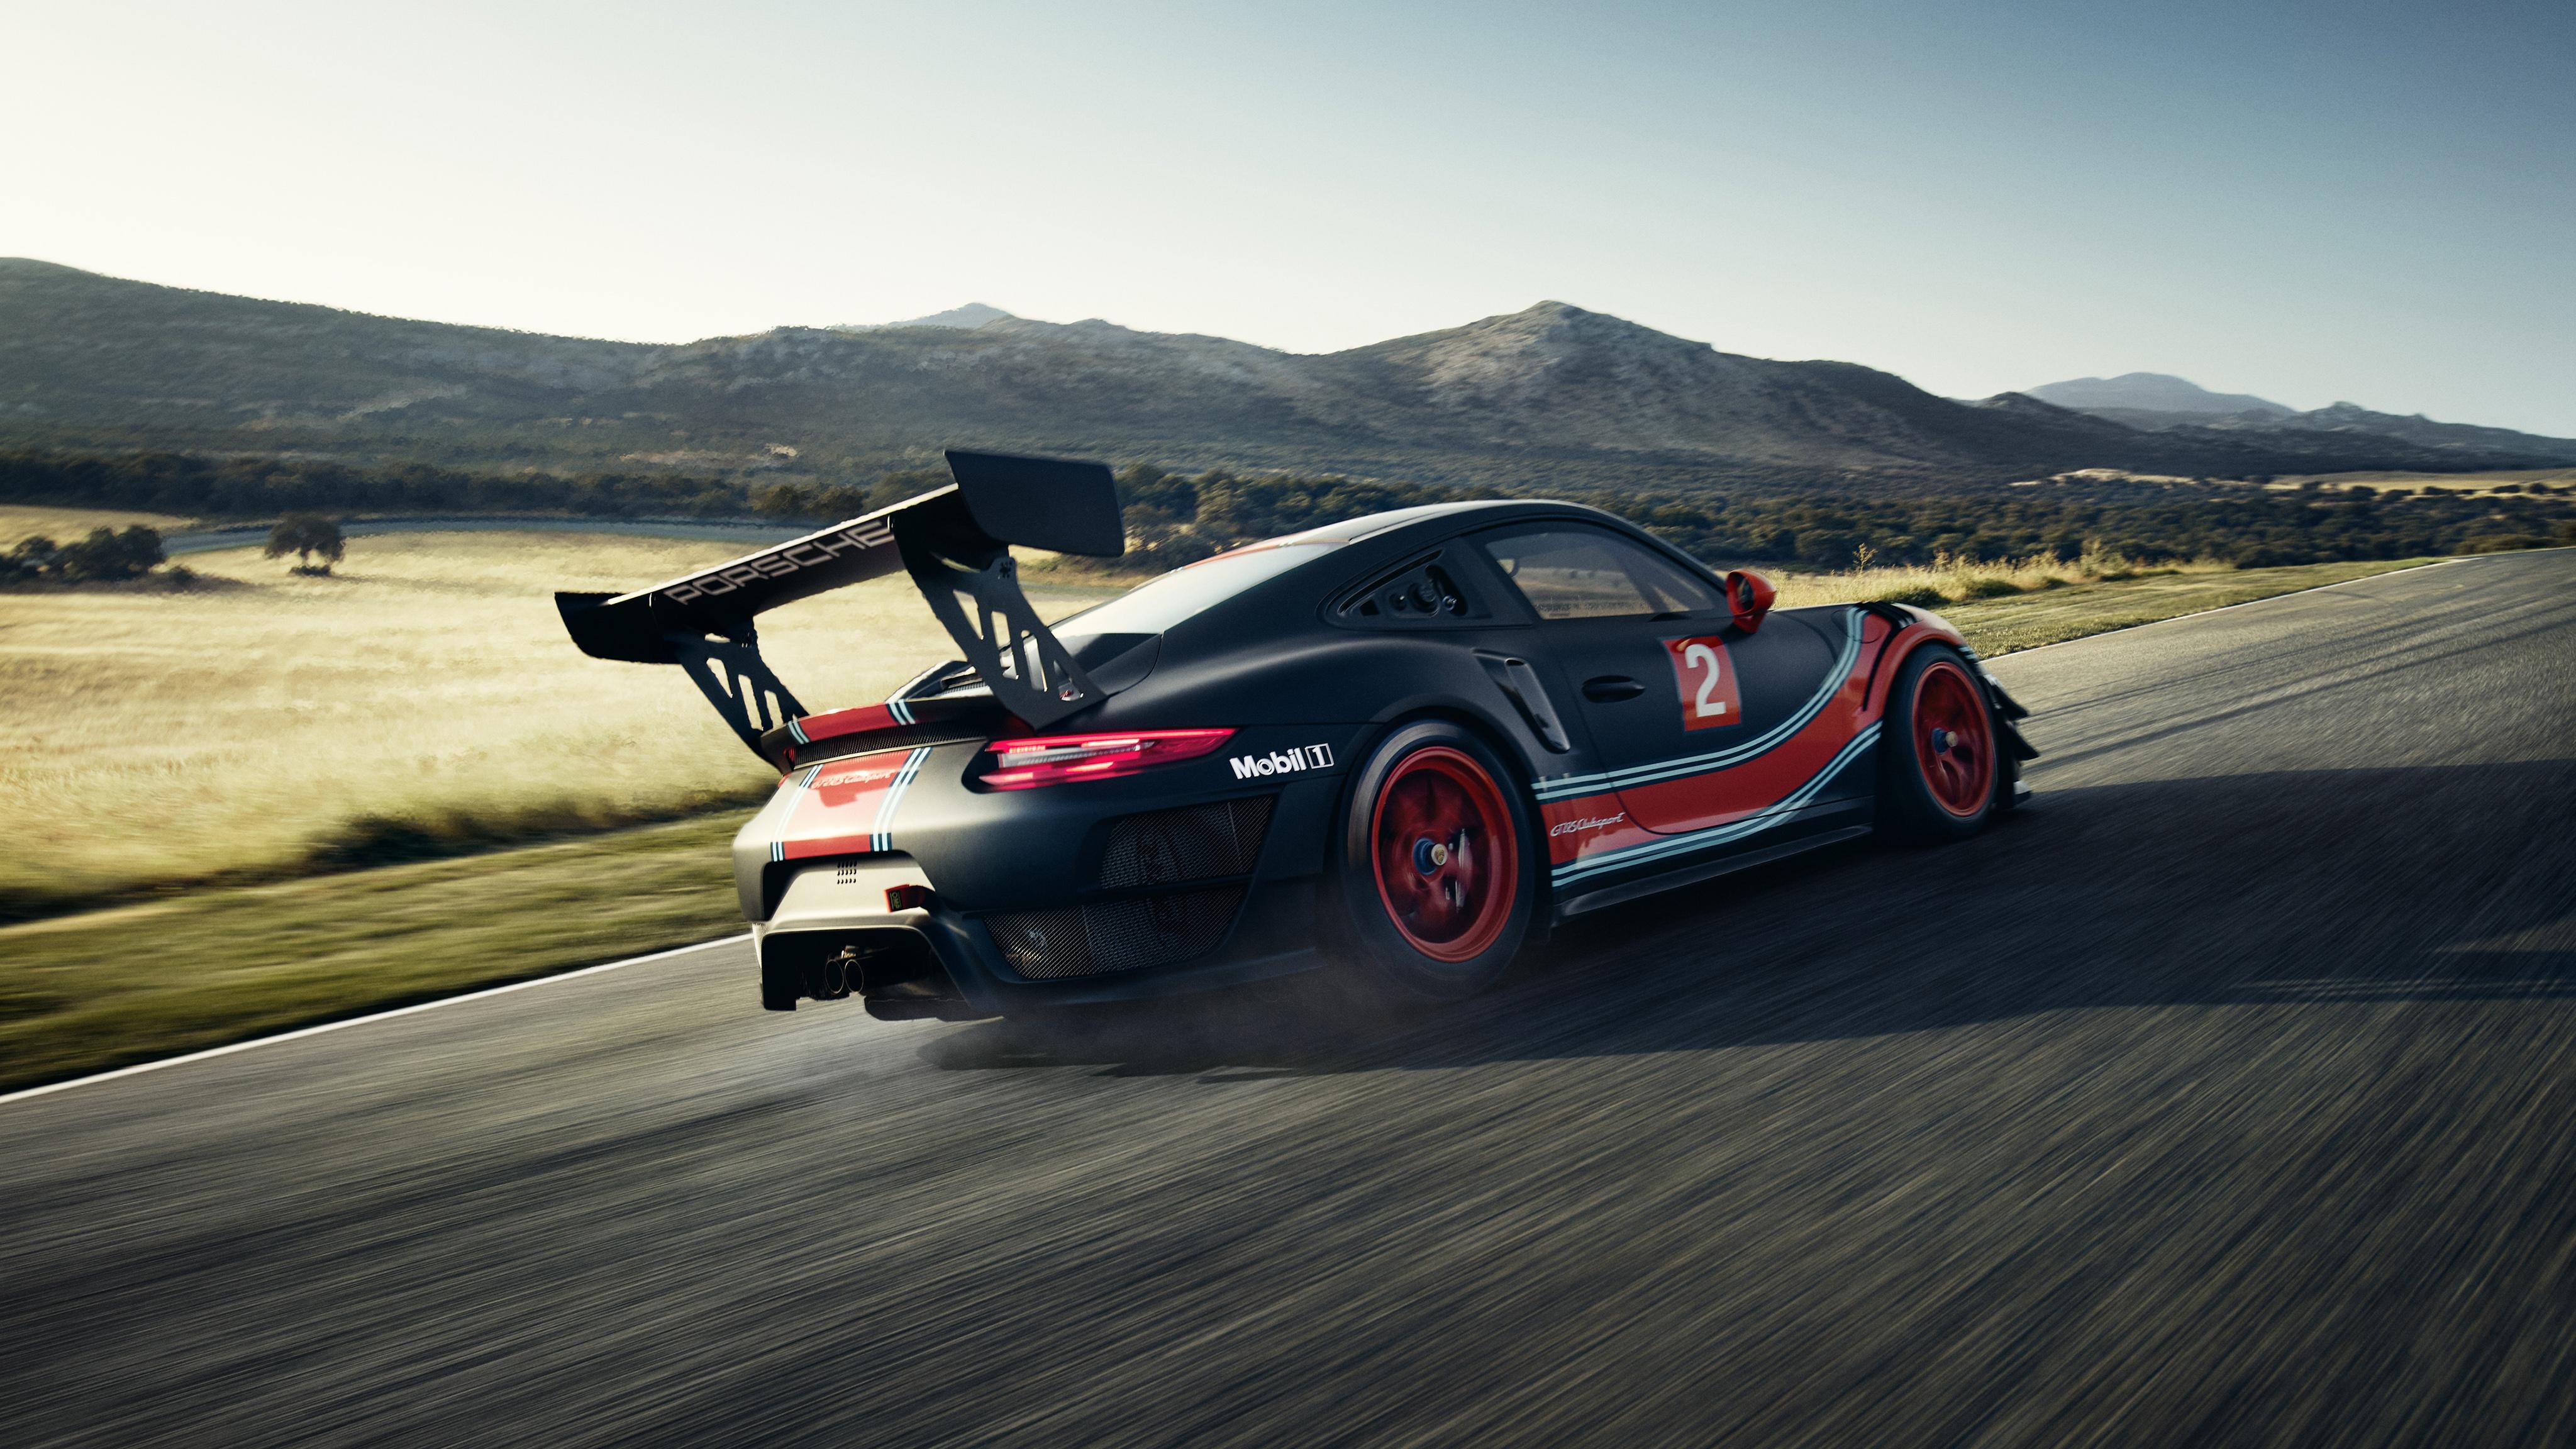 Porsche 911 Gt2 Rs Clubsport 2018 4k Wallpapers Hd Wallpapers